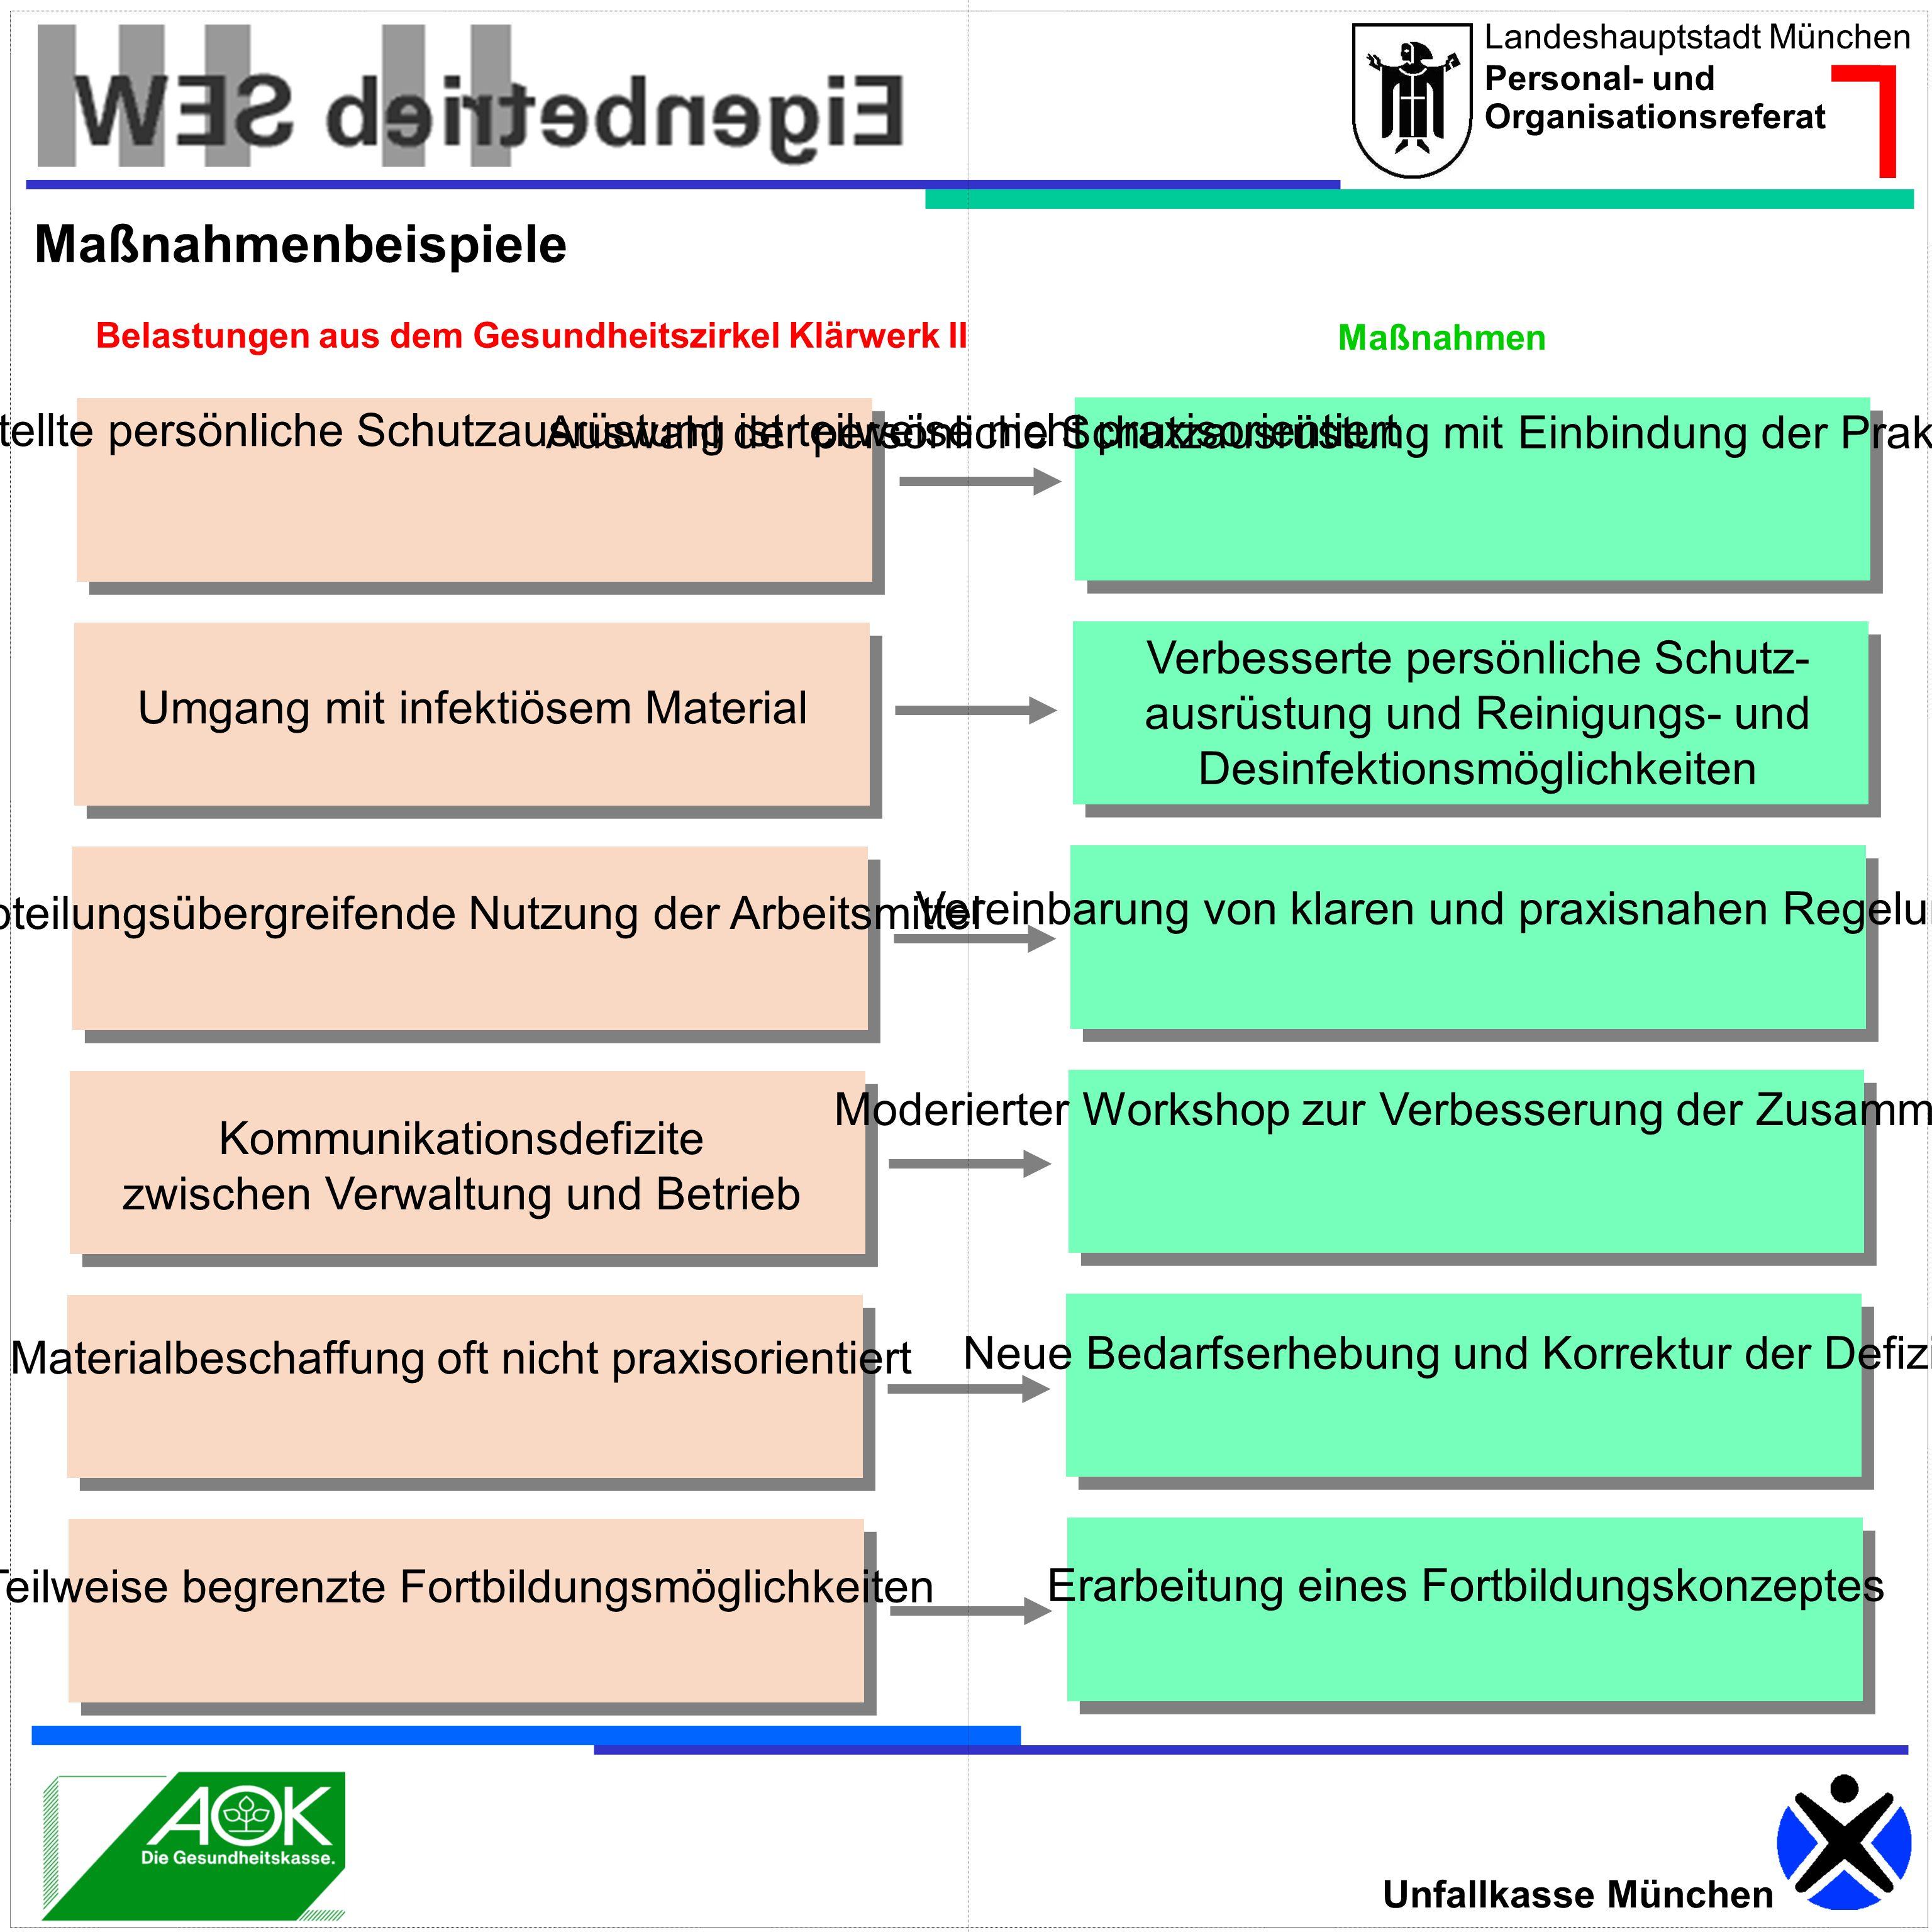 Landeshauptstadt München Personal- und Organisationsreferat Unfallkasse München Die zur Verfügung gestellte persönliche Schutzausrüstung ist teilweise